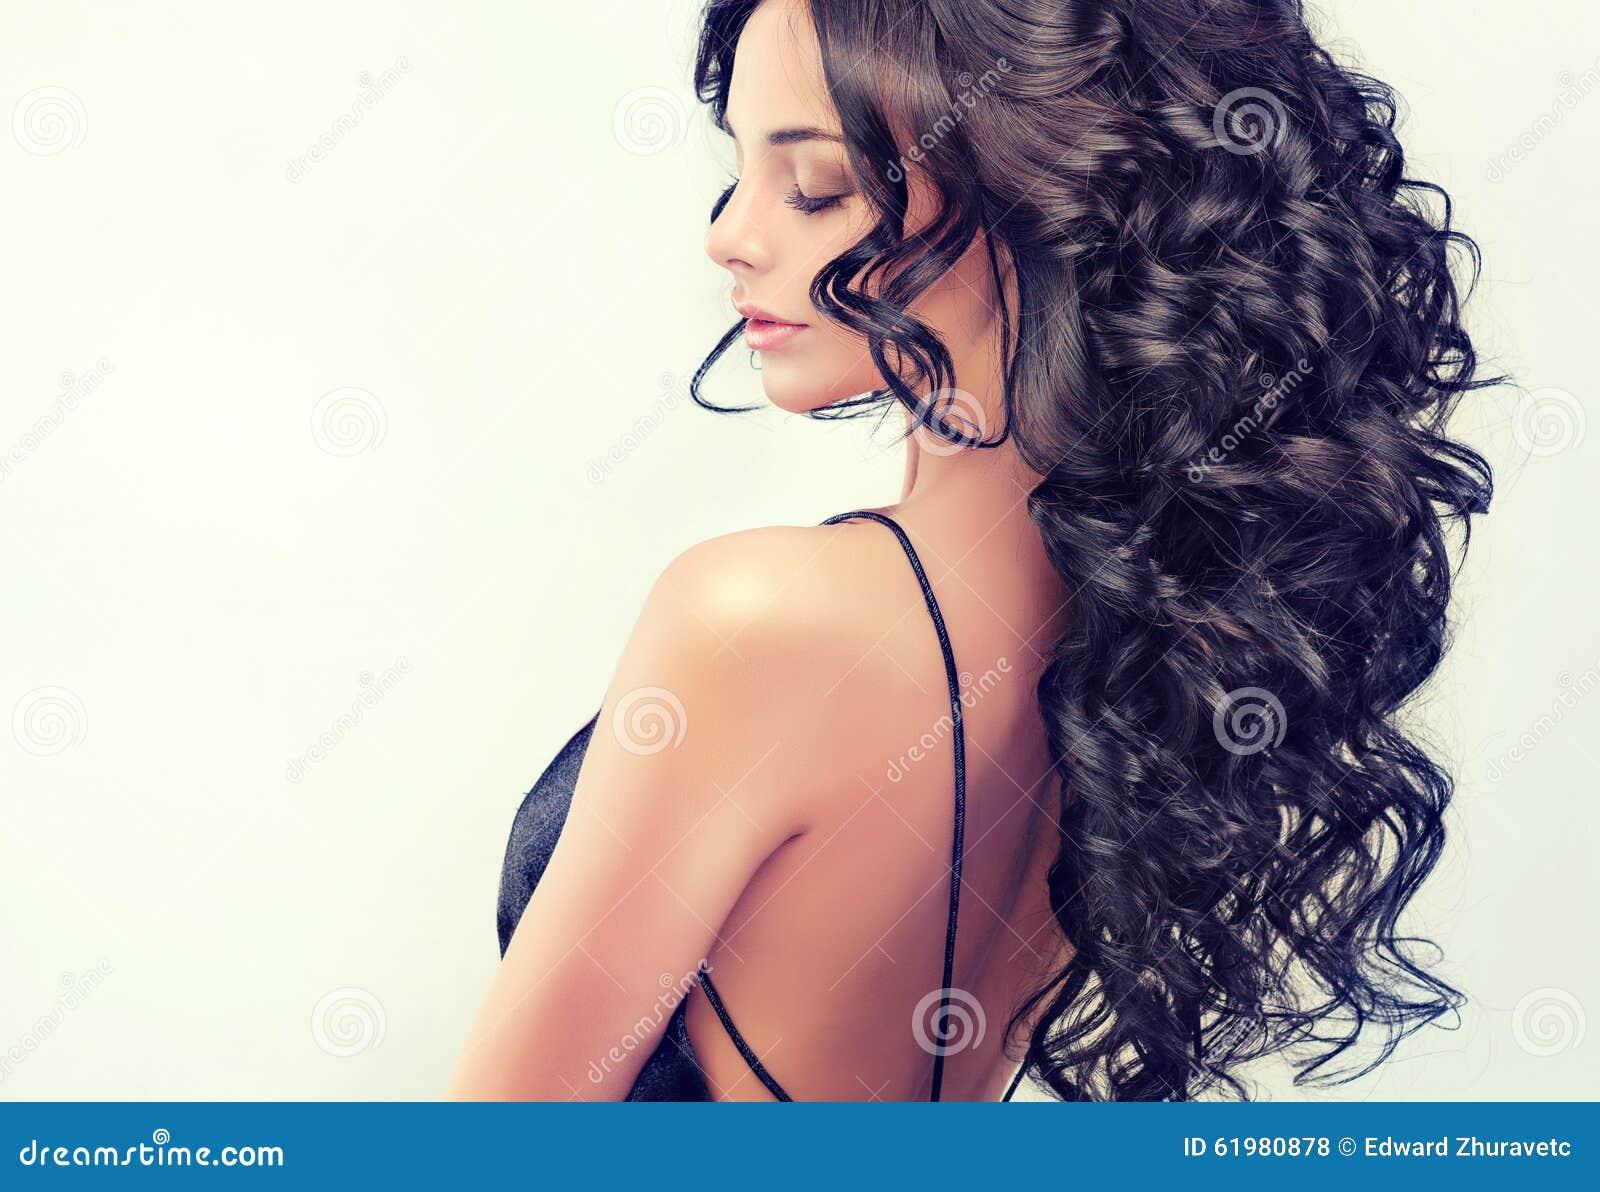 Фото кучерявых брюнеток с цветами